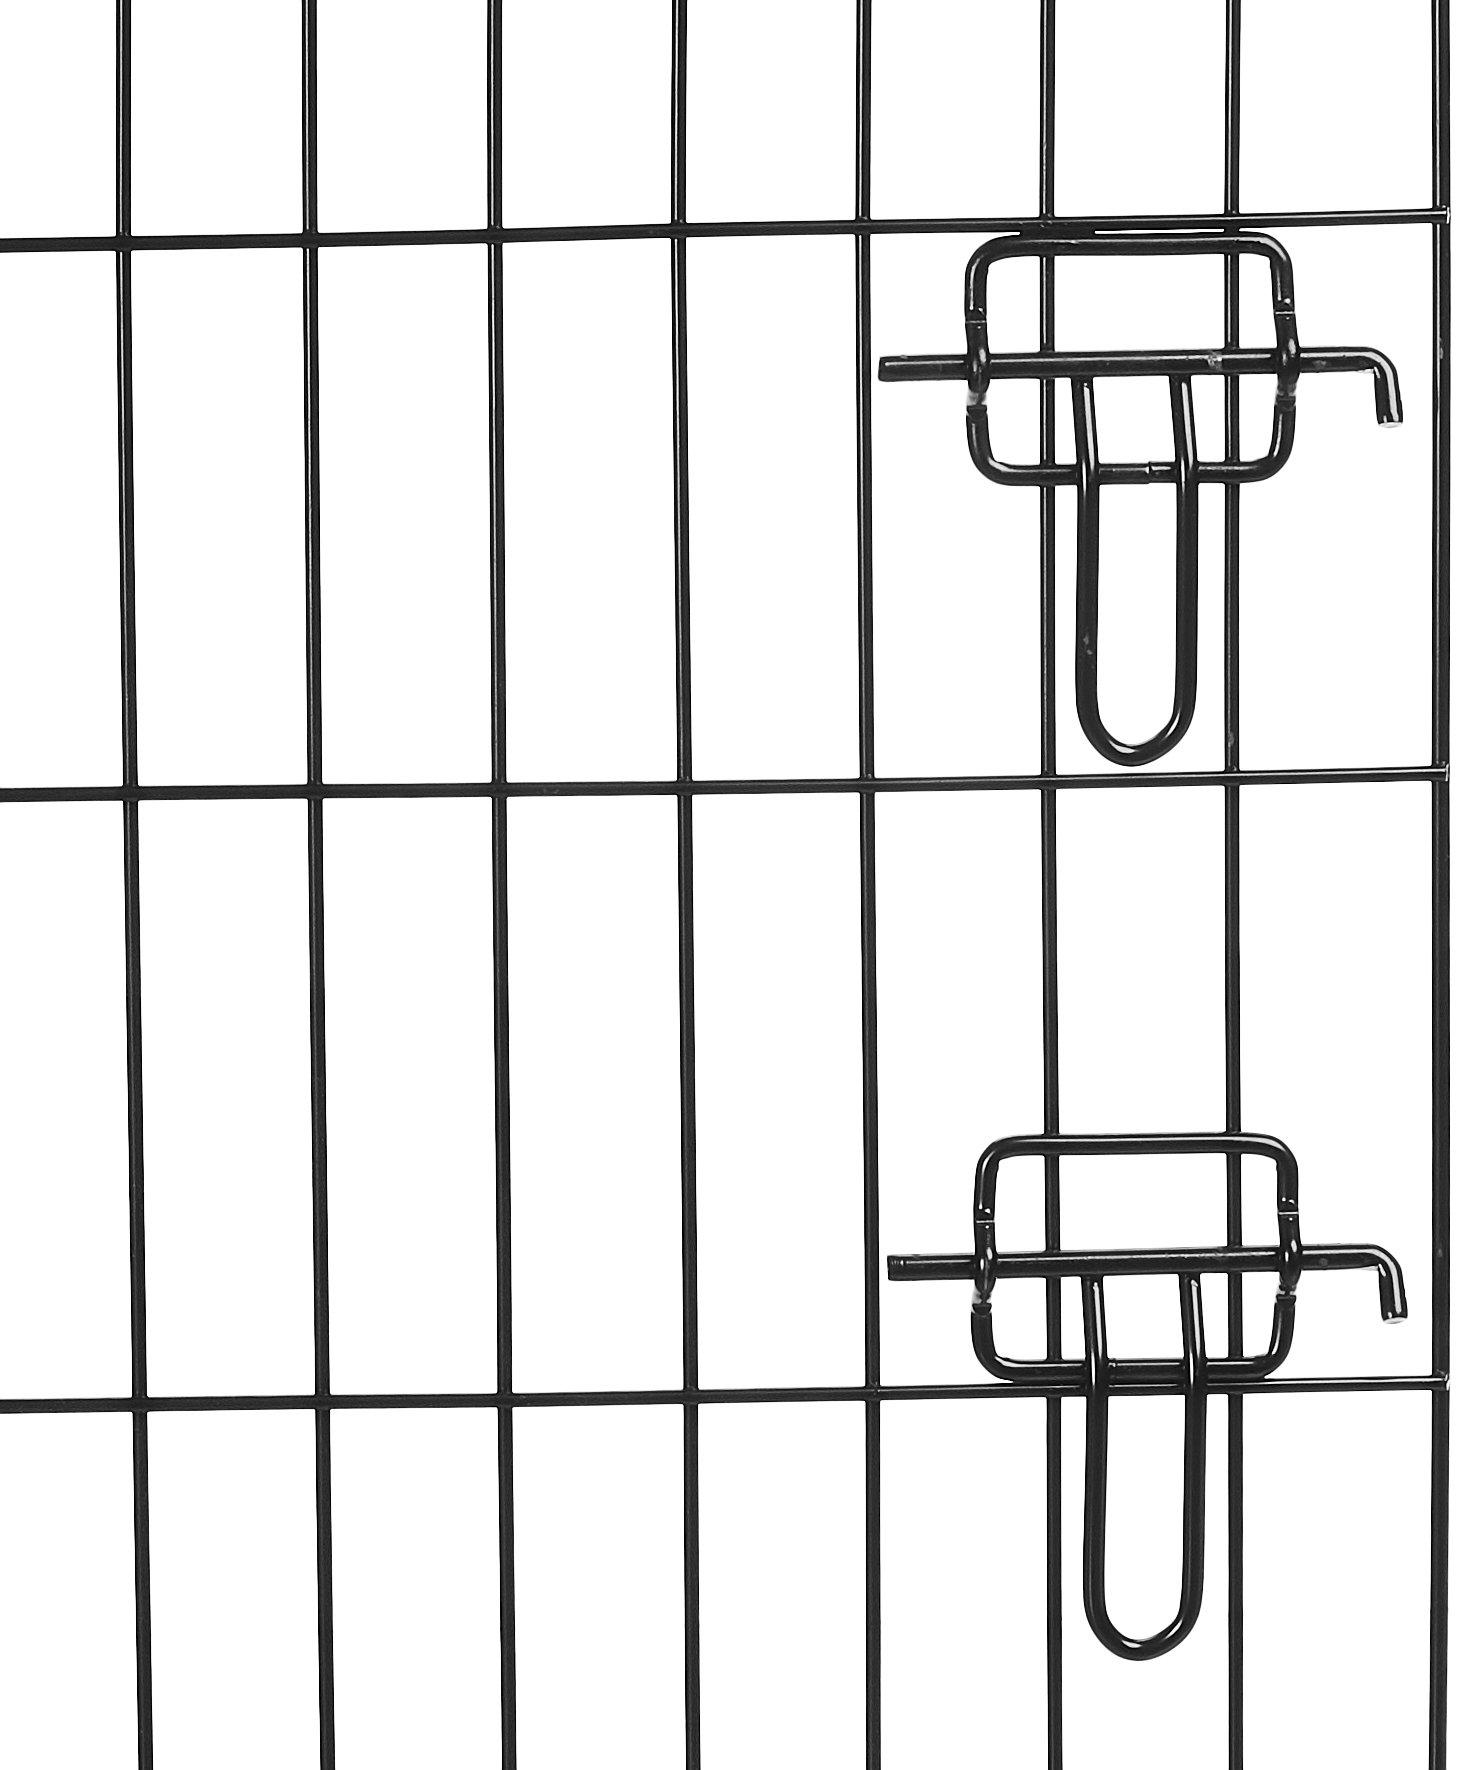 AmazonBasics Double-Door Folding Metal Dog Crate - 30 Inches by AmazonBasics (Image #7)